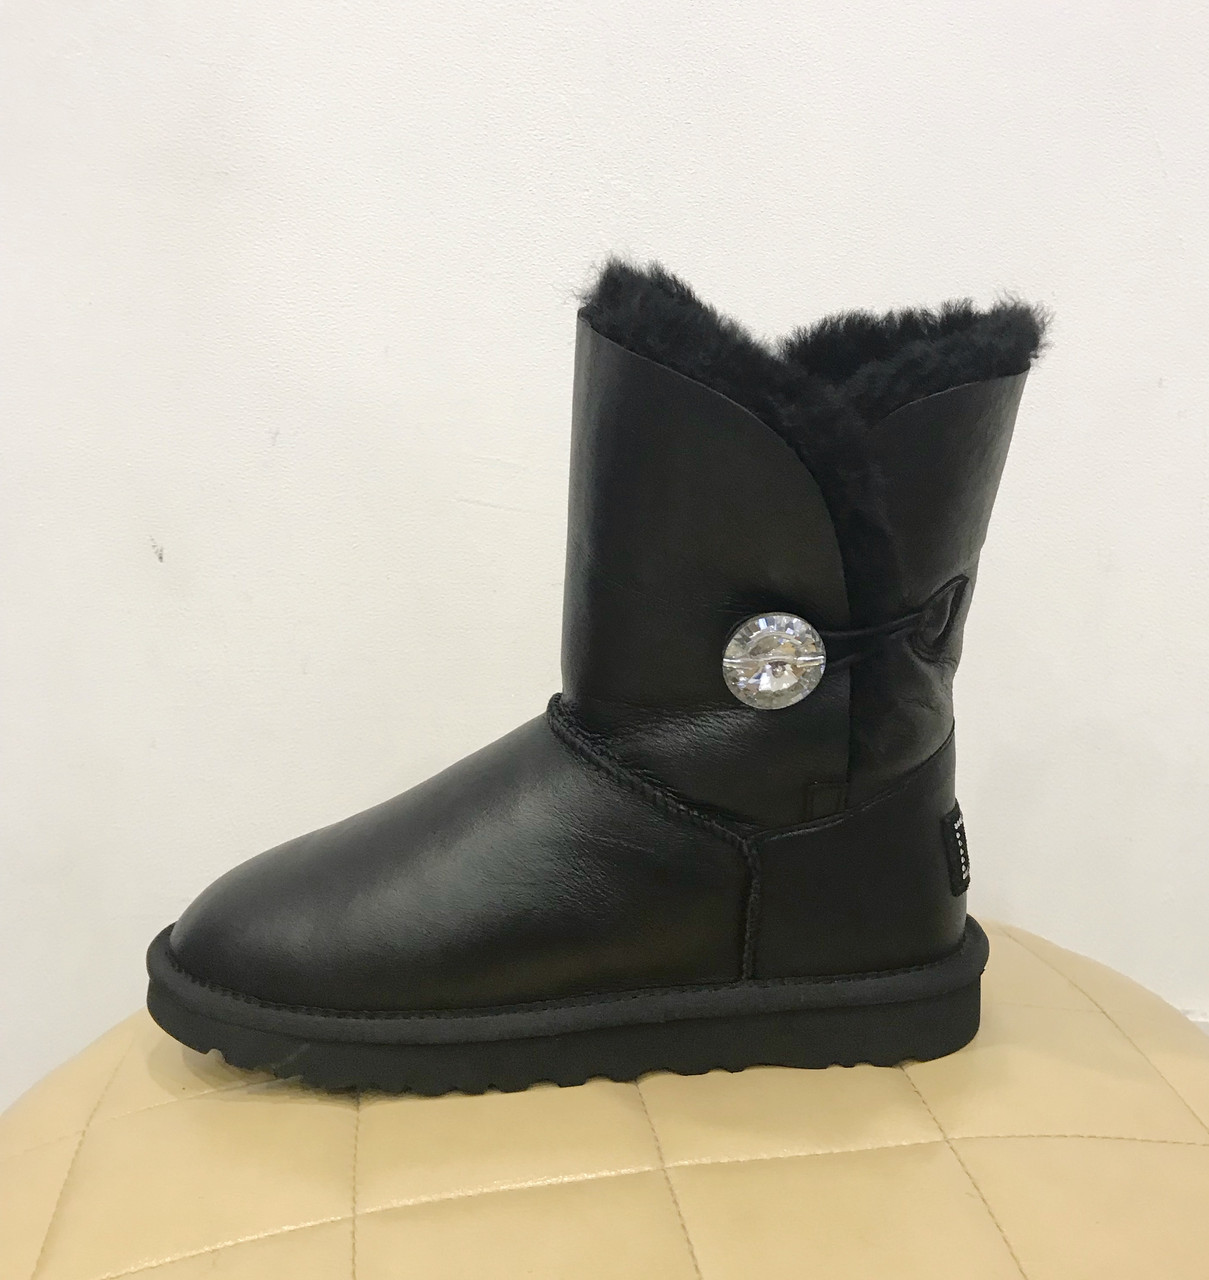 Черные короткие, кожаные угги с кристалом Swarovski BaIley Bling Black UGG® Australia